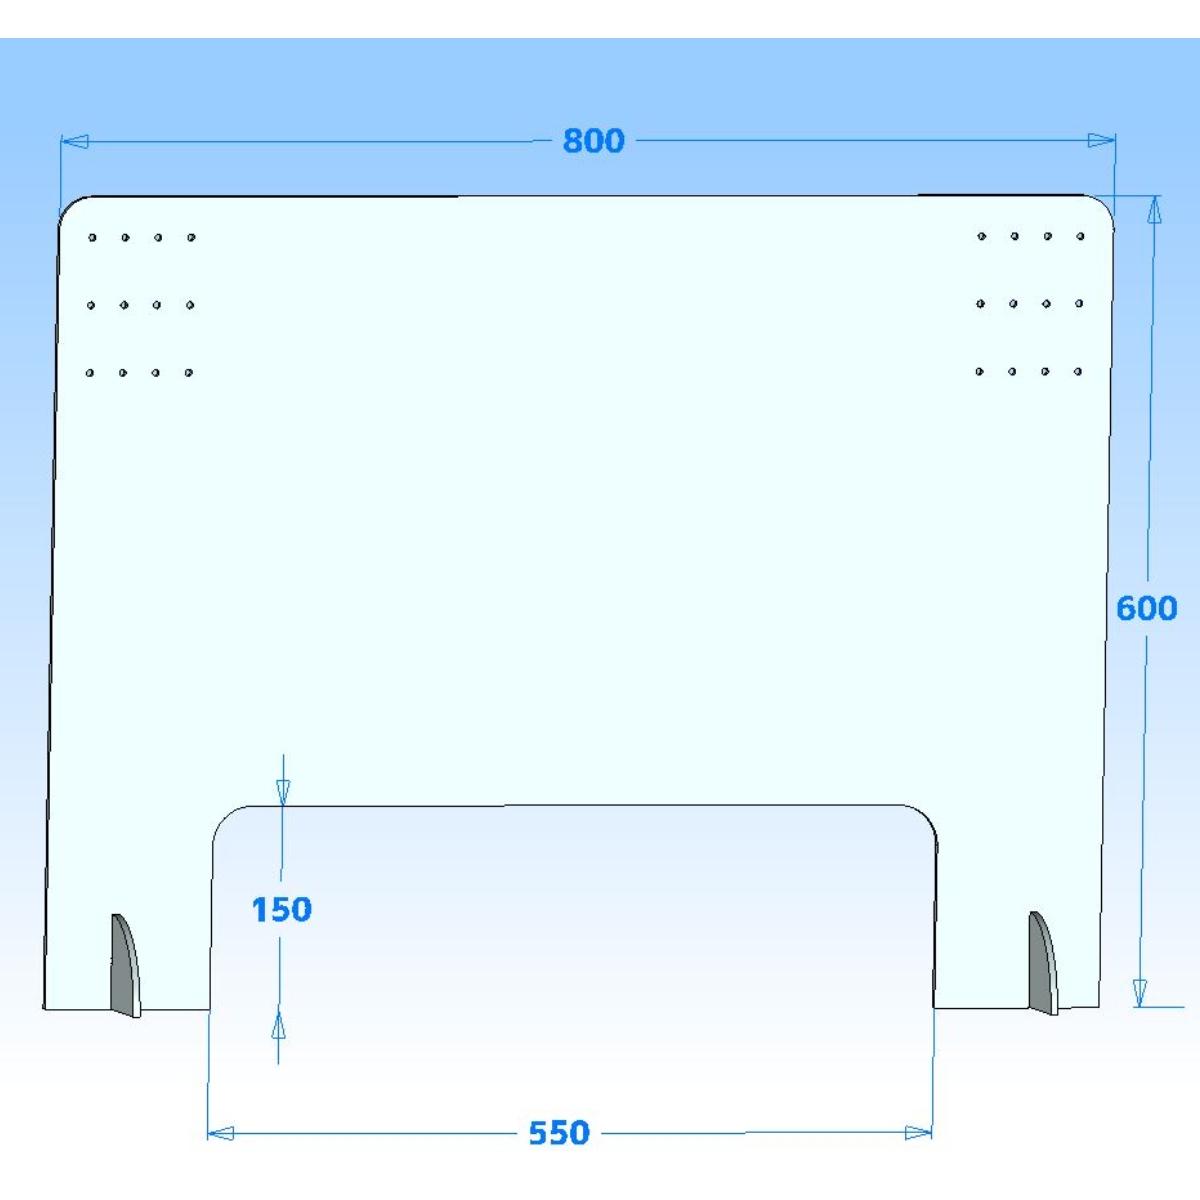 シールドマンYT8060 有孔フック対応 収納付き スリムタイプ飛沫感染防止カウンターパーテーション 飲食業、カフェ、ラーメン、そば、うどん屋などに800mm×600mm(80cm×60cm)